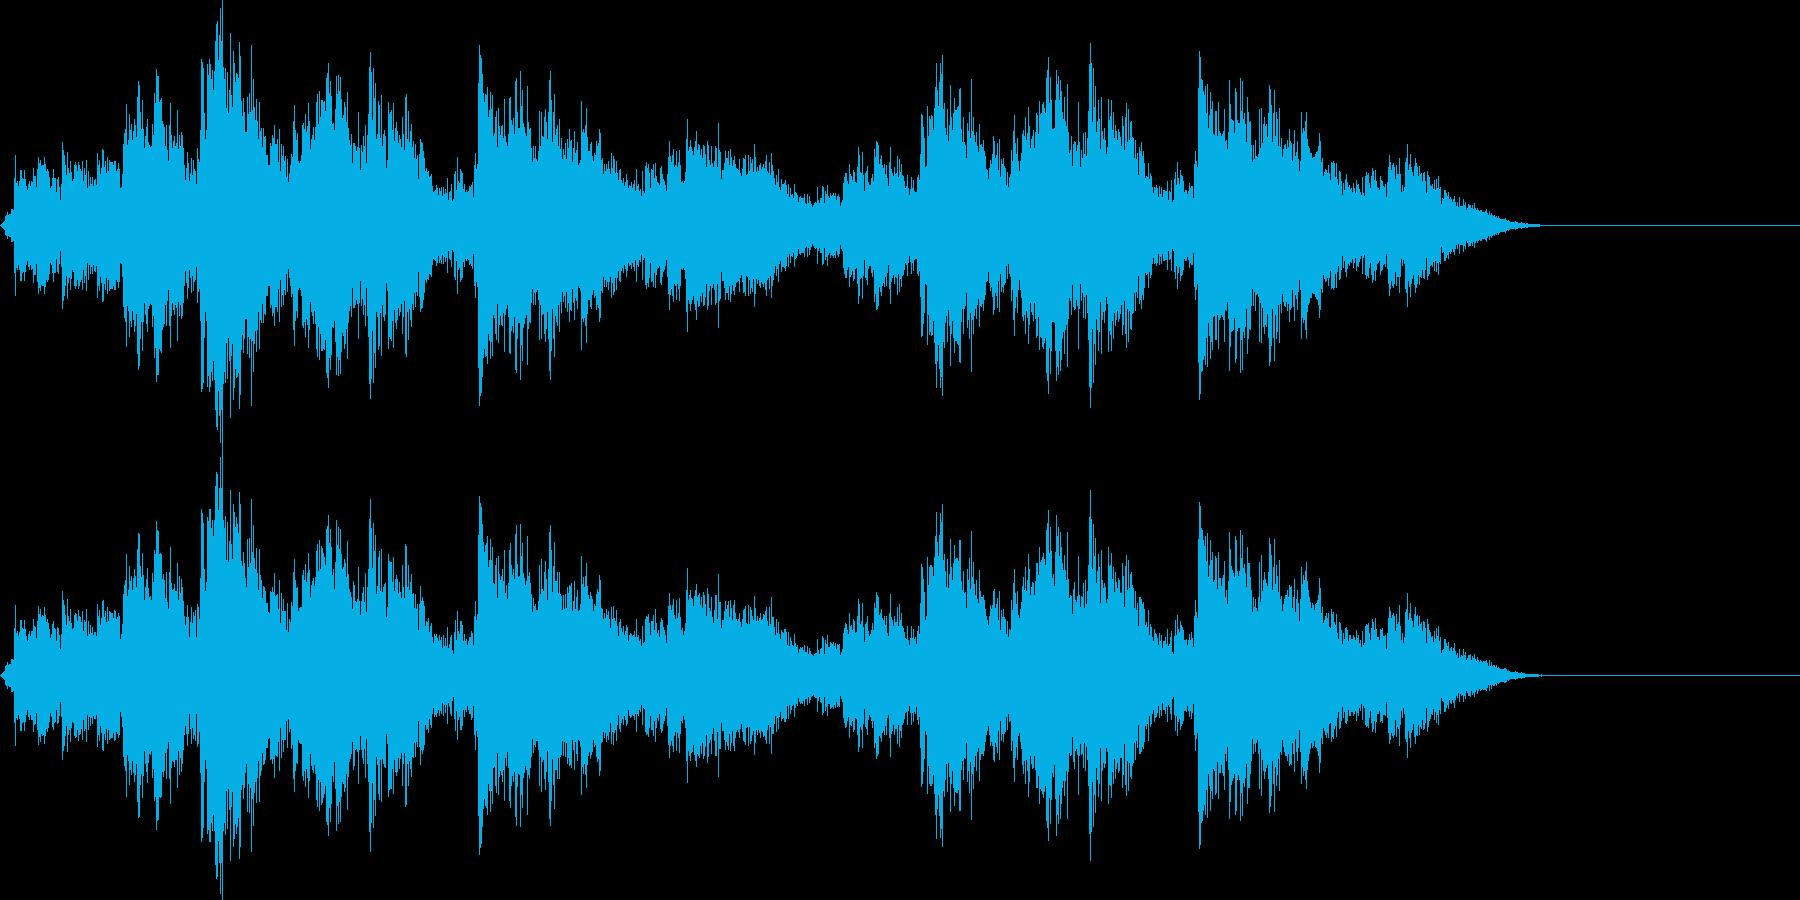 神社の本坪鈴 ガランガランガランの再生済みの波形